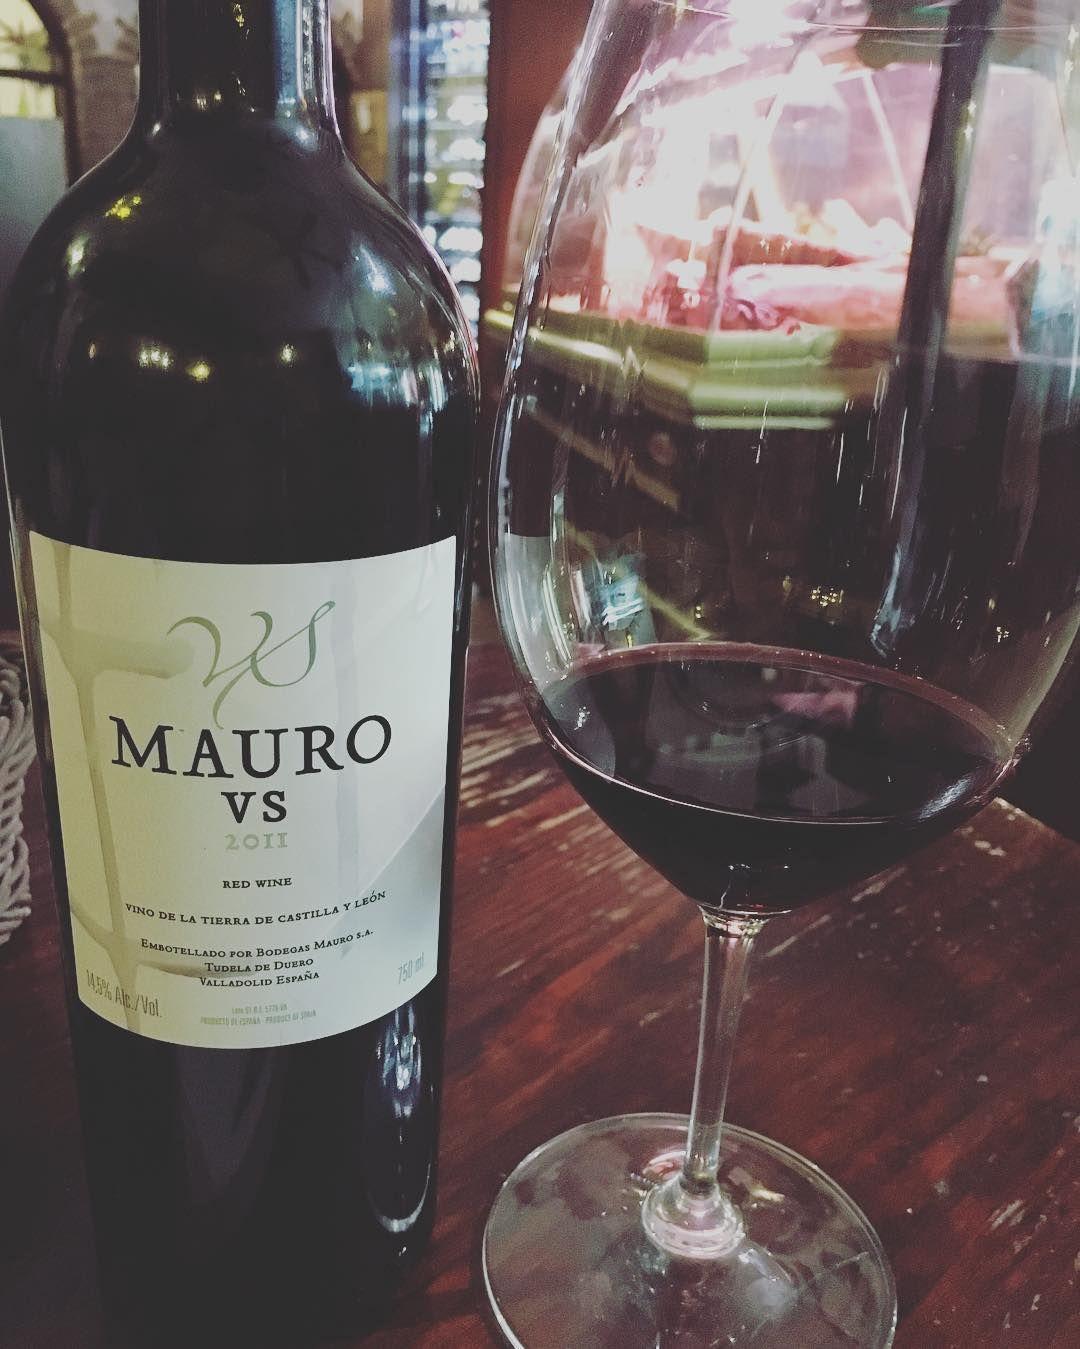 Hay vinos  y vinos! #maurovs #mauro @bodegas_mauro #wine #wines #vinos #vino #top #españa #instawine #winelovers #lovewine #valladolid #castillayleon by mesoncastellano